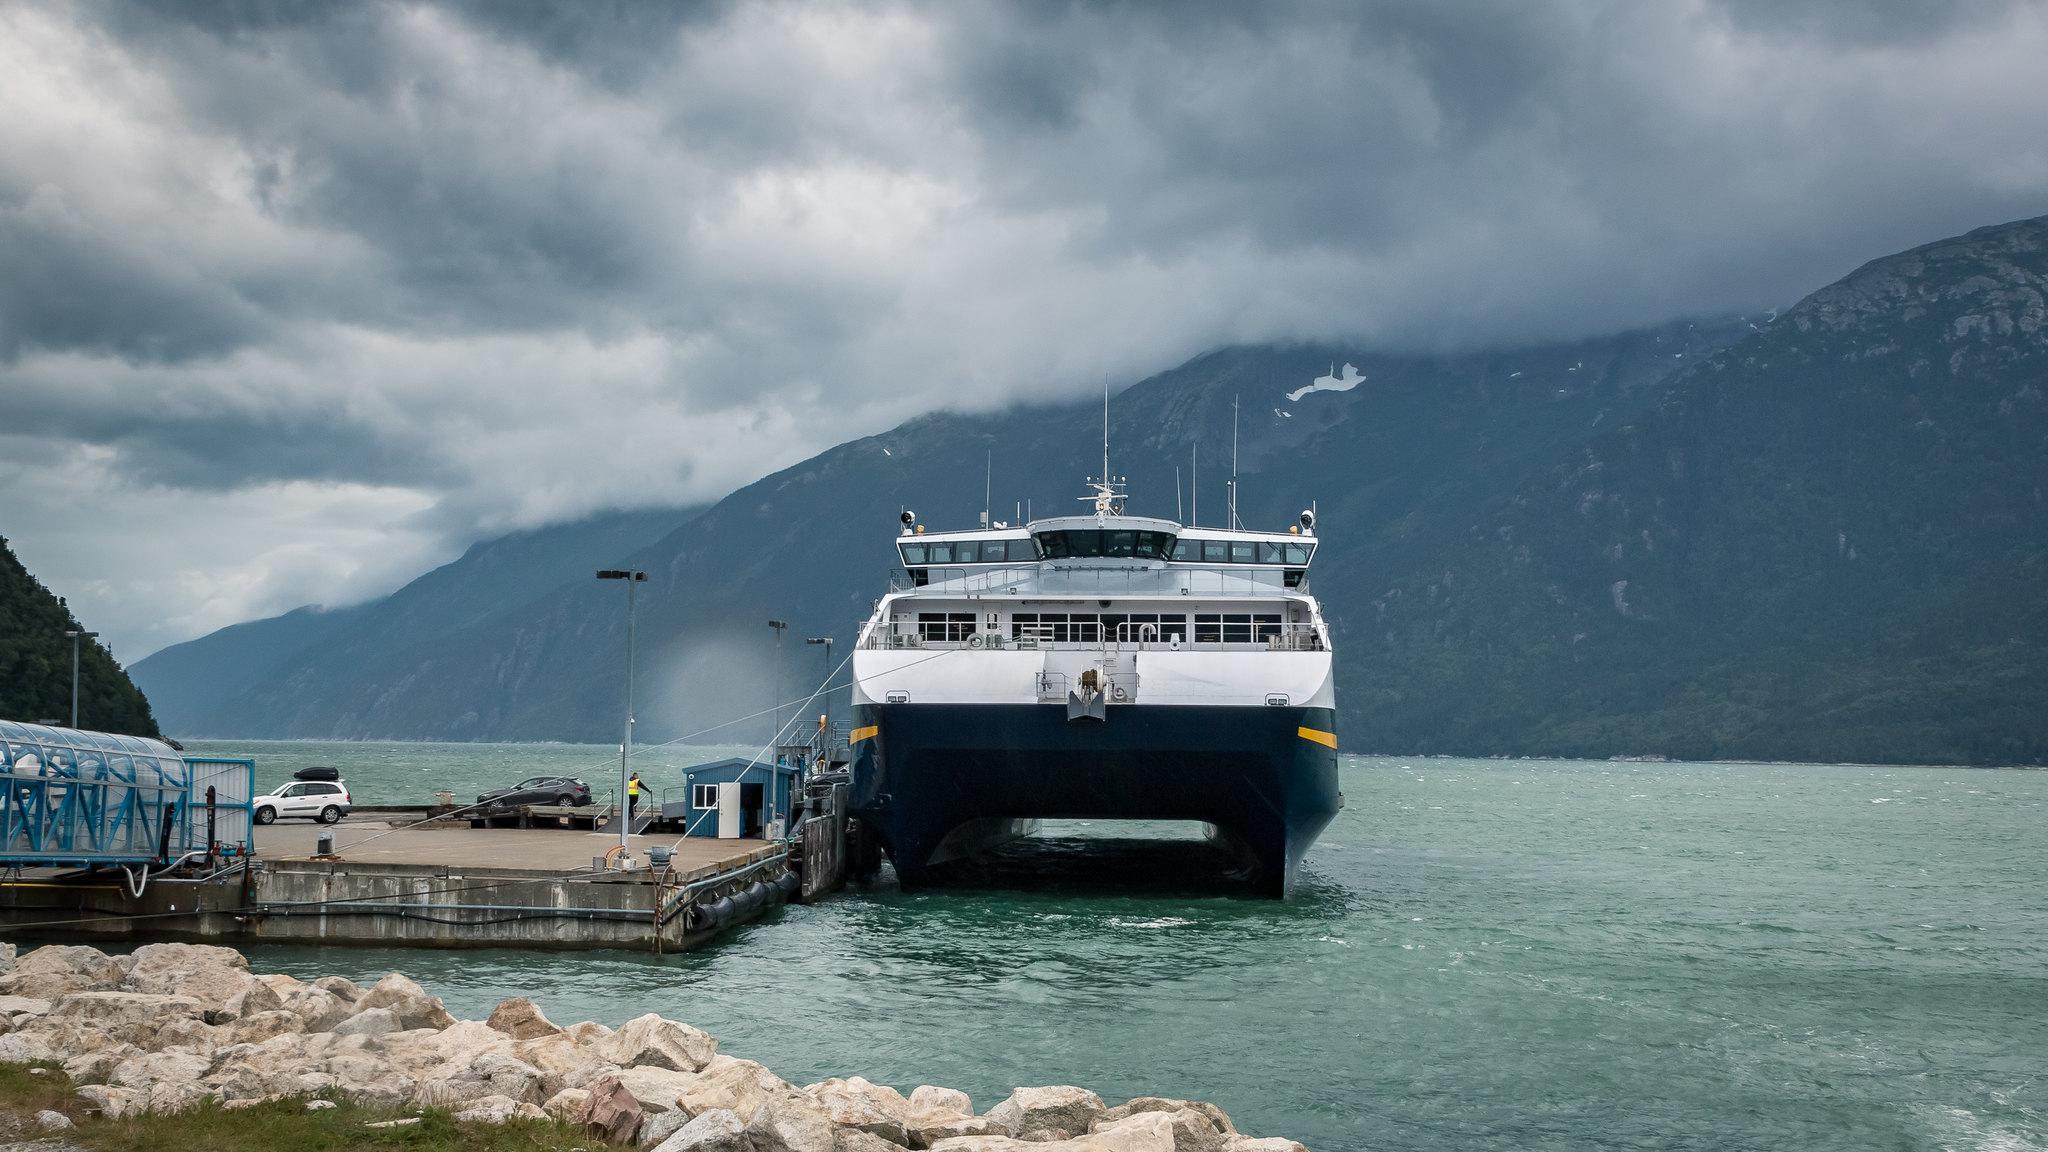 Skagway - Alaska - [USA]